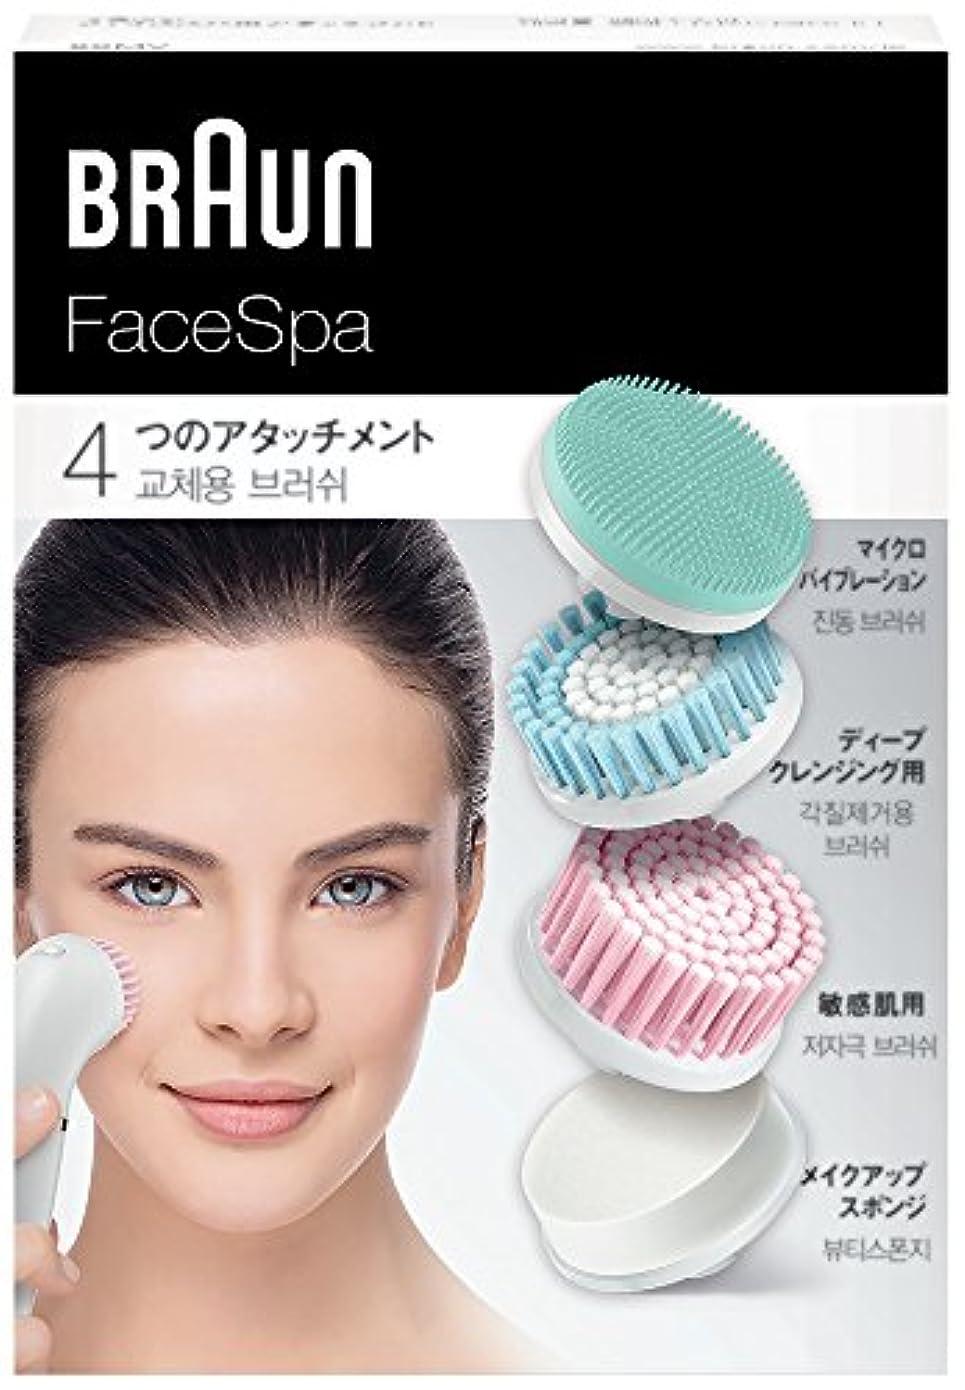 合体驚いたことにバターブラウン 洗顔ブラシ 顔用脱毛器(ブラウンフェイス)用 4種詰め合わせ 80-MV